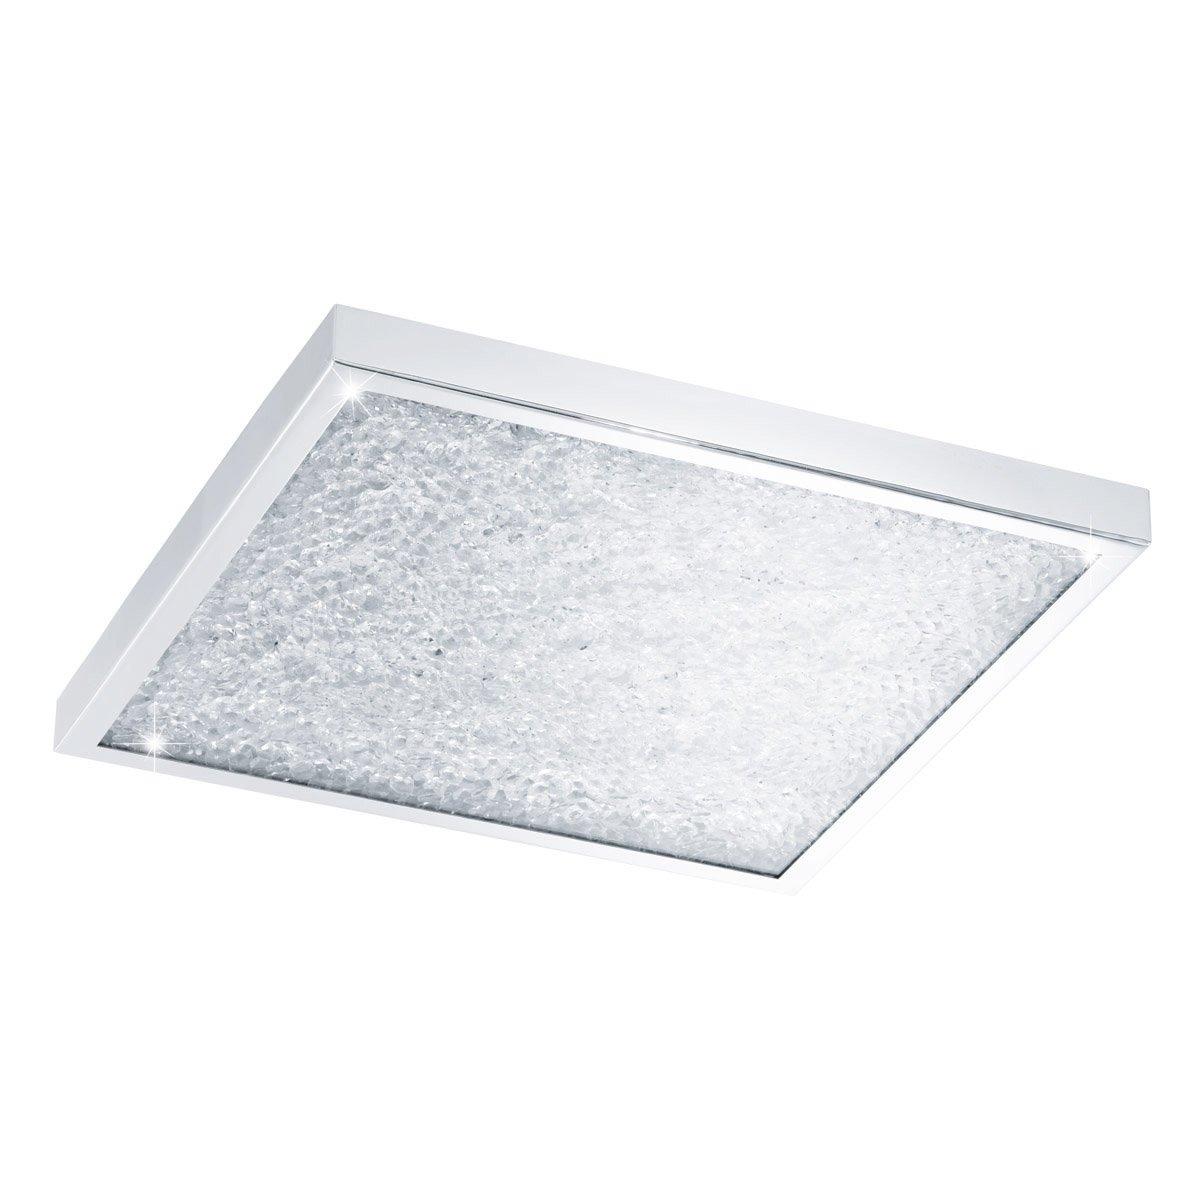 Eglo Plafondlamp Cardito kristal Eglo 32026